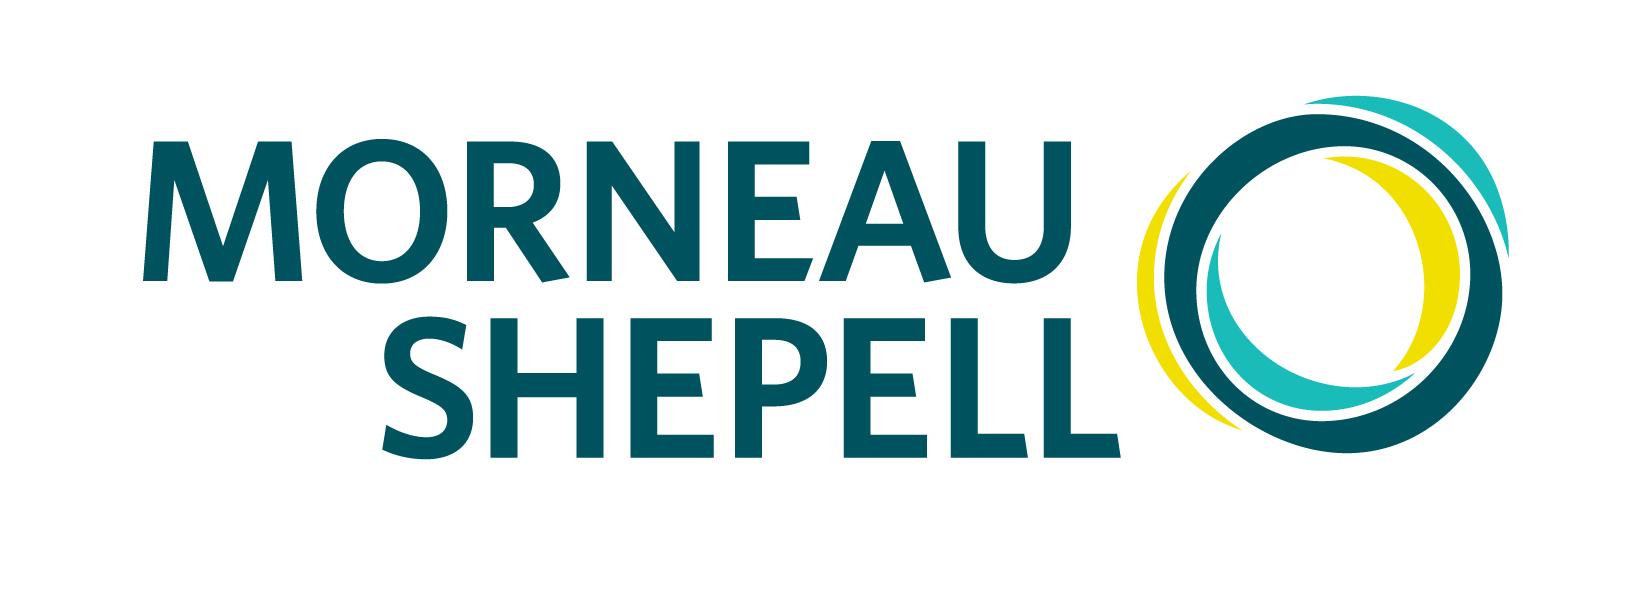 Morneau Shepell_2017